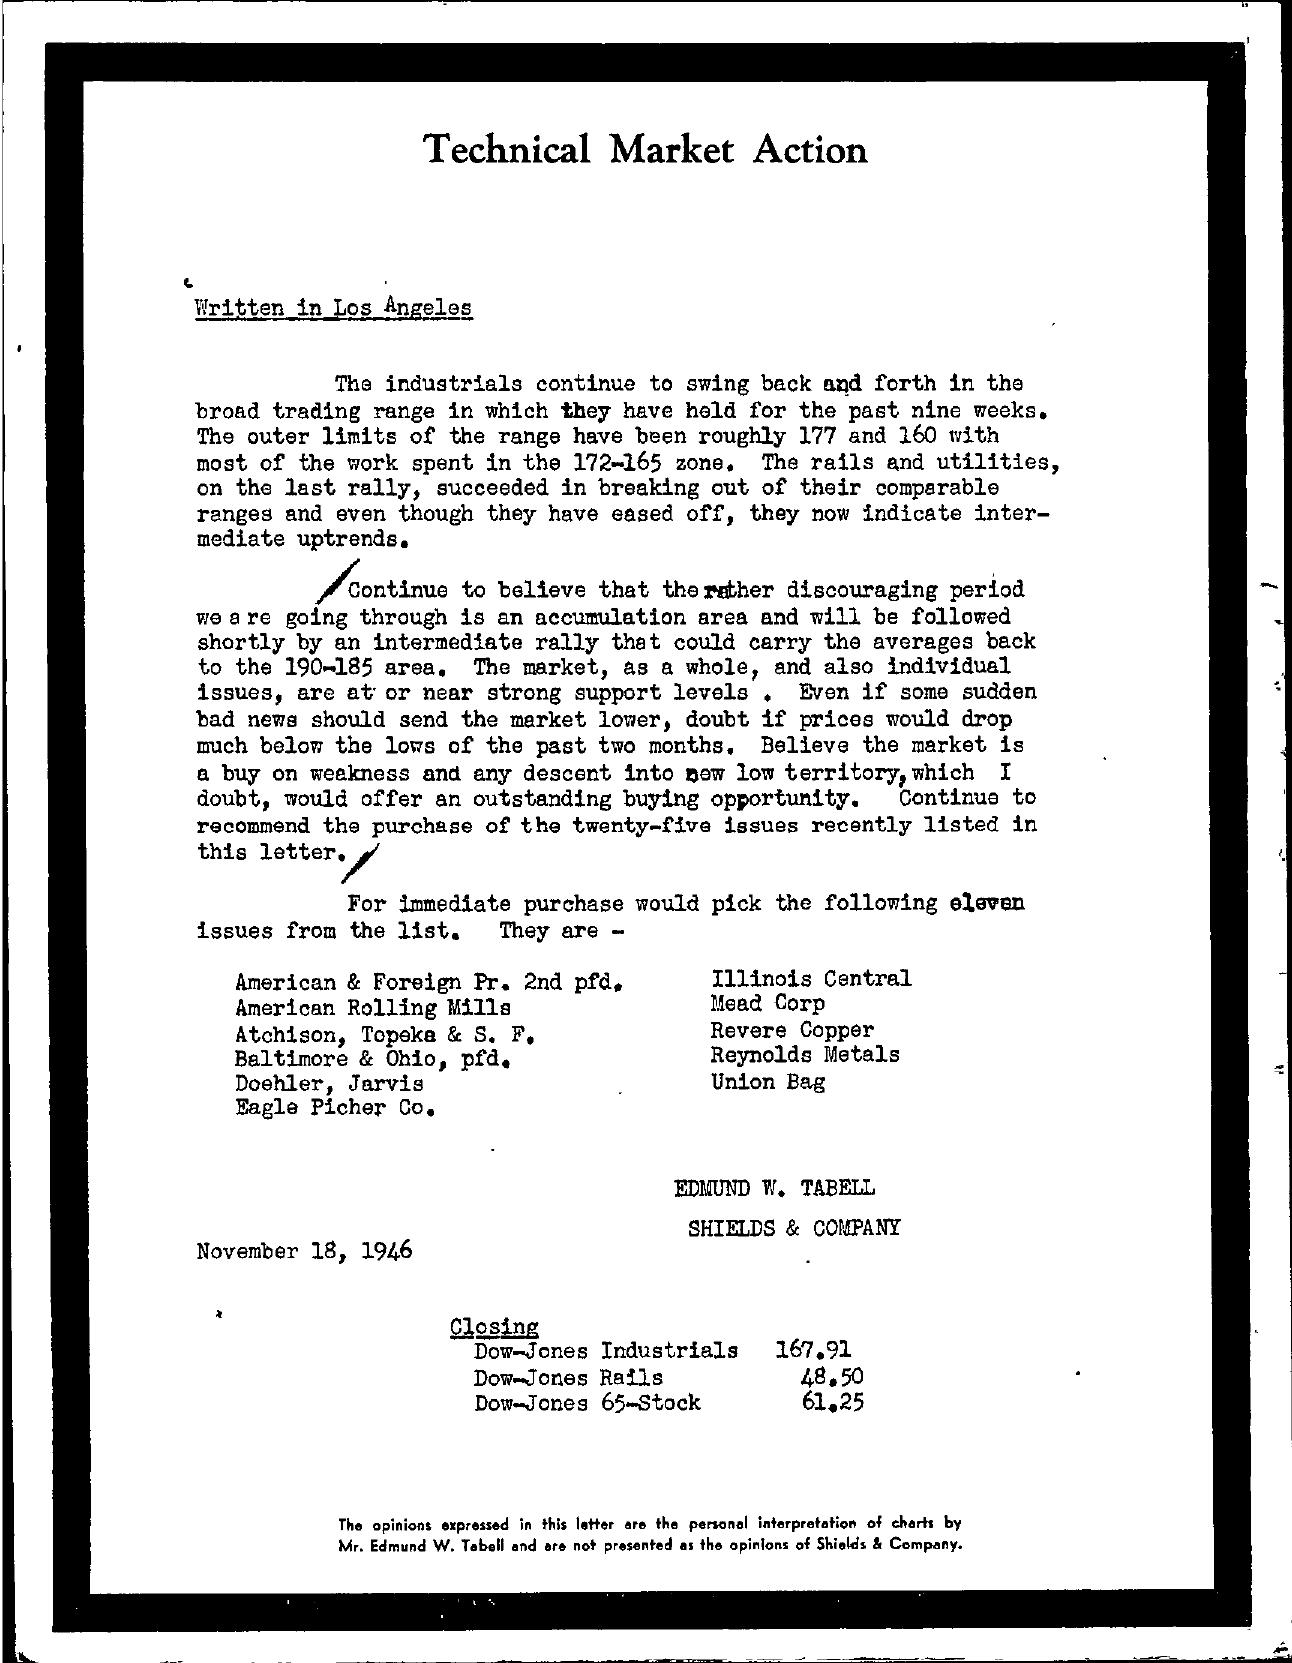 Tabell's Market Letter - November 18, 1946